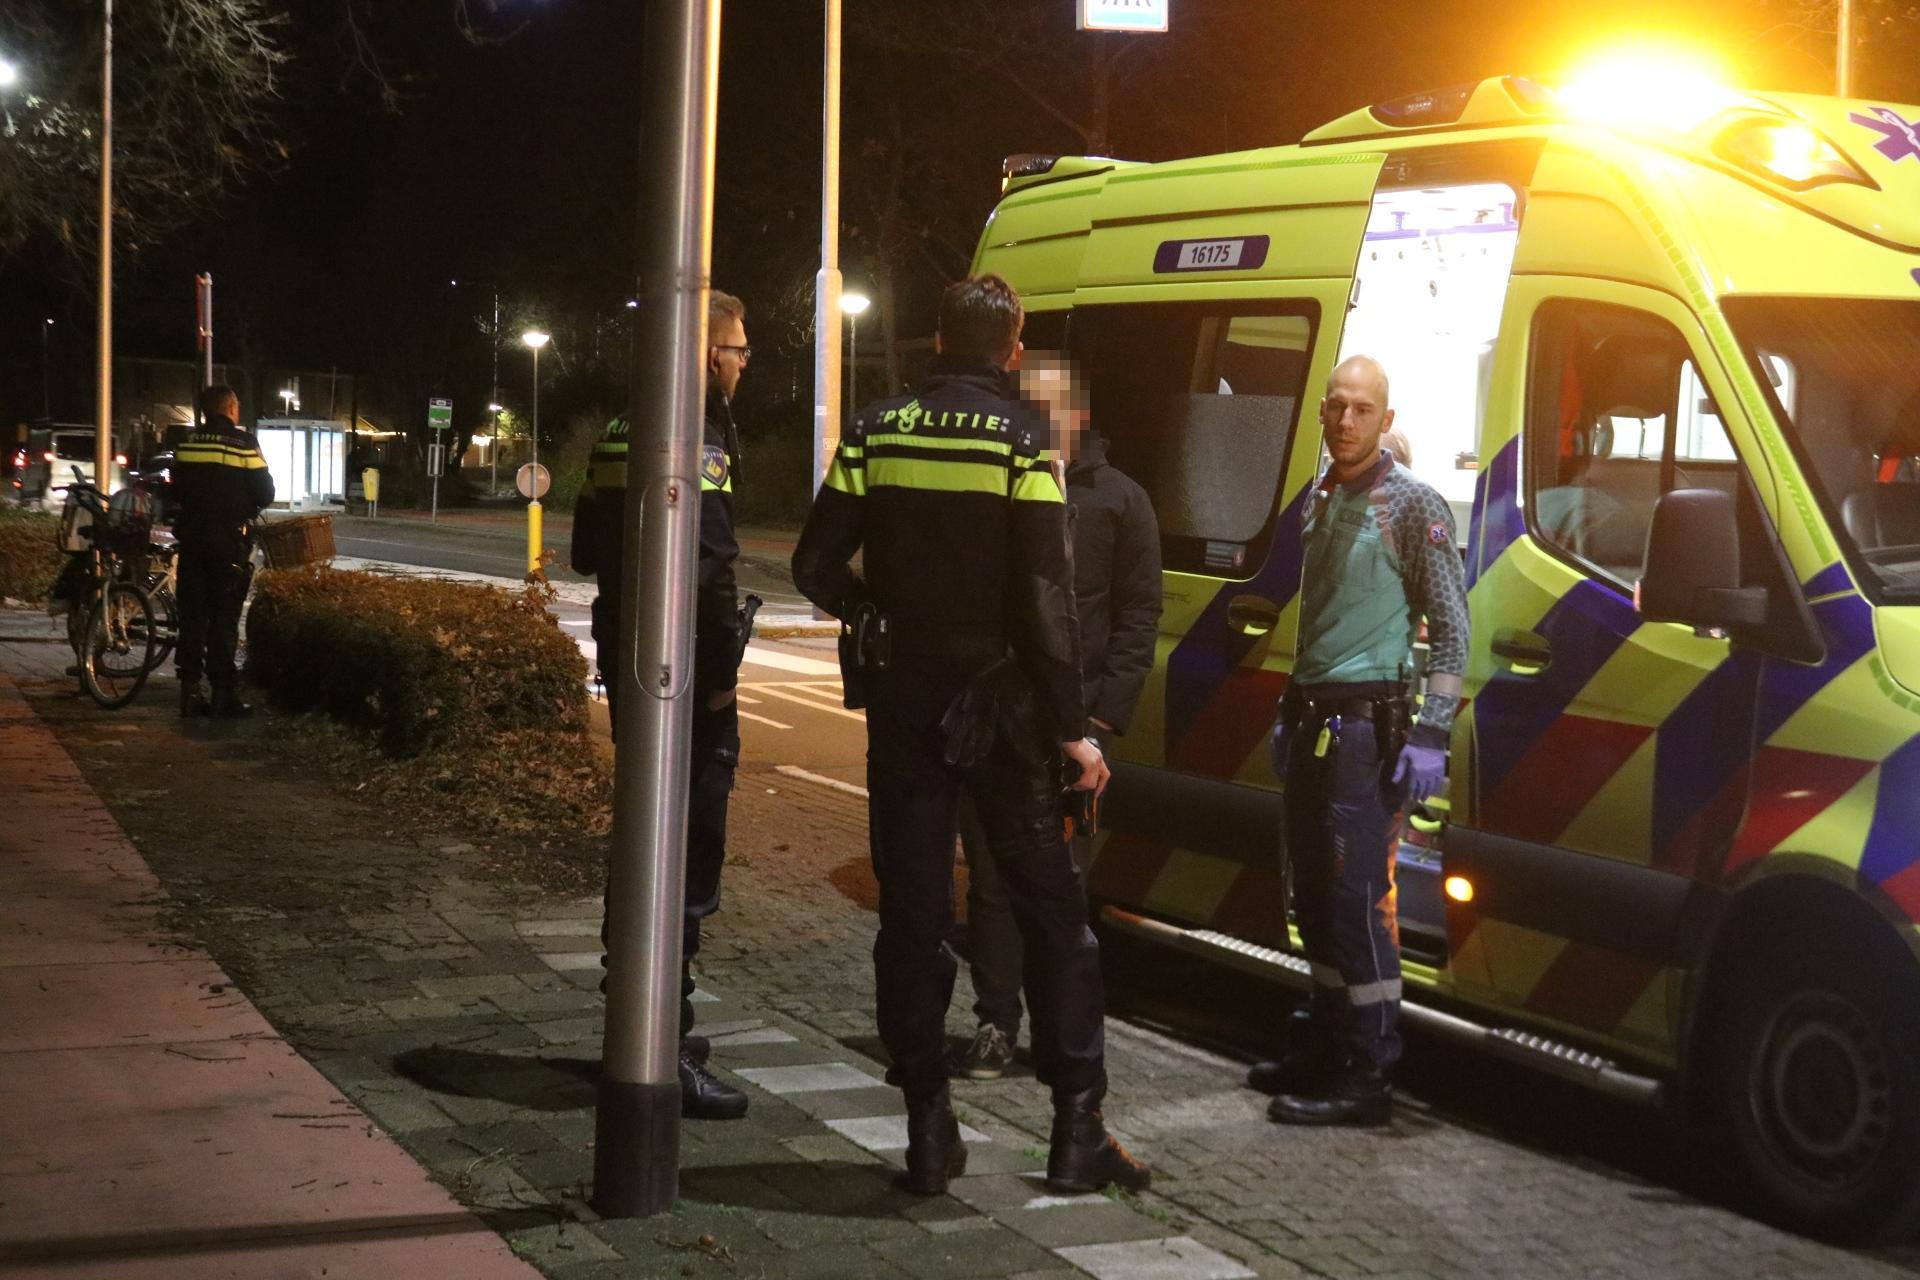 Jong meisje geschept op oversteekplaats in Voorhout, automobilist moet rijbewijs direct inleveren